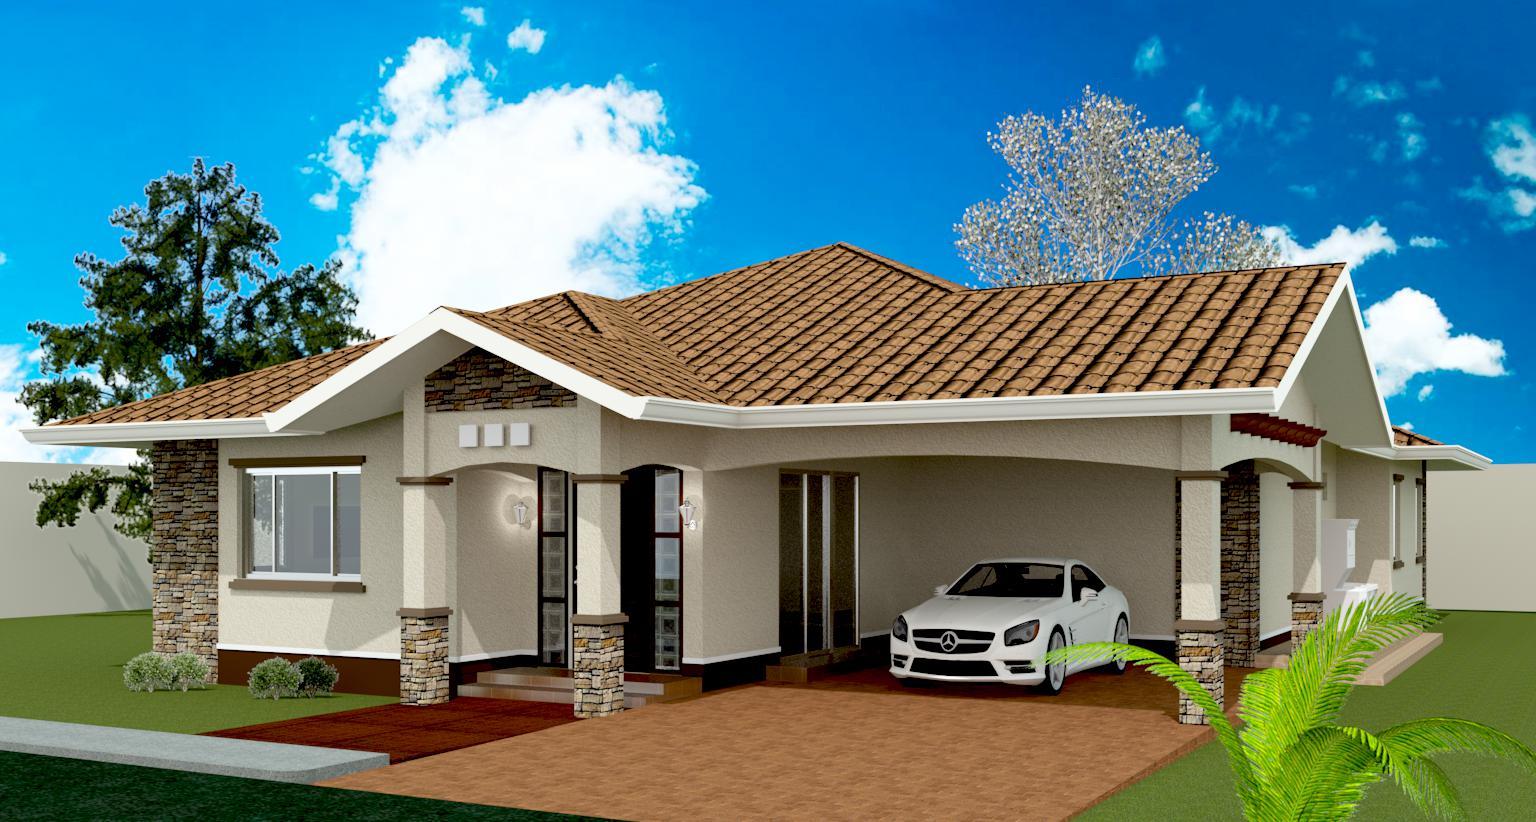 MODEL 3-3 BEDROOM BUNGALOW DESIGN - Negros Construction